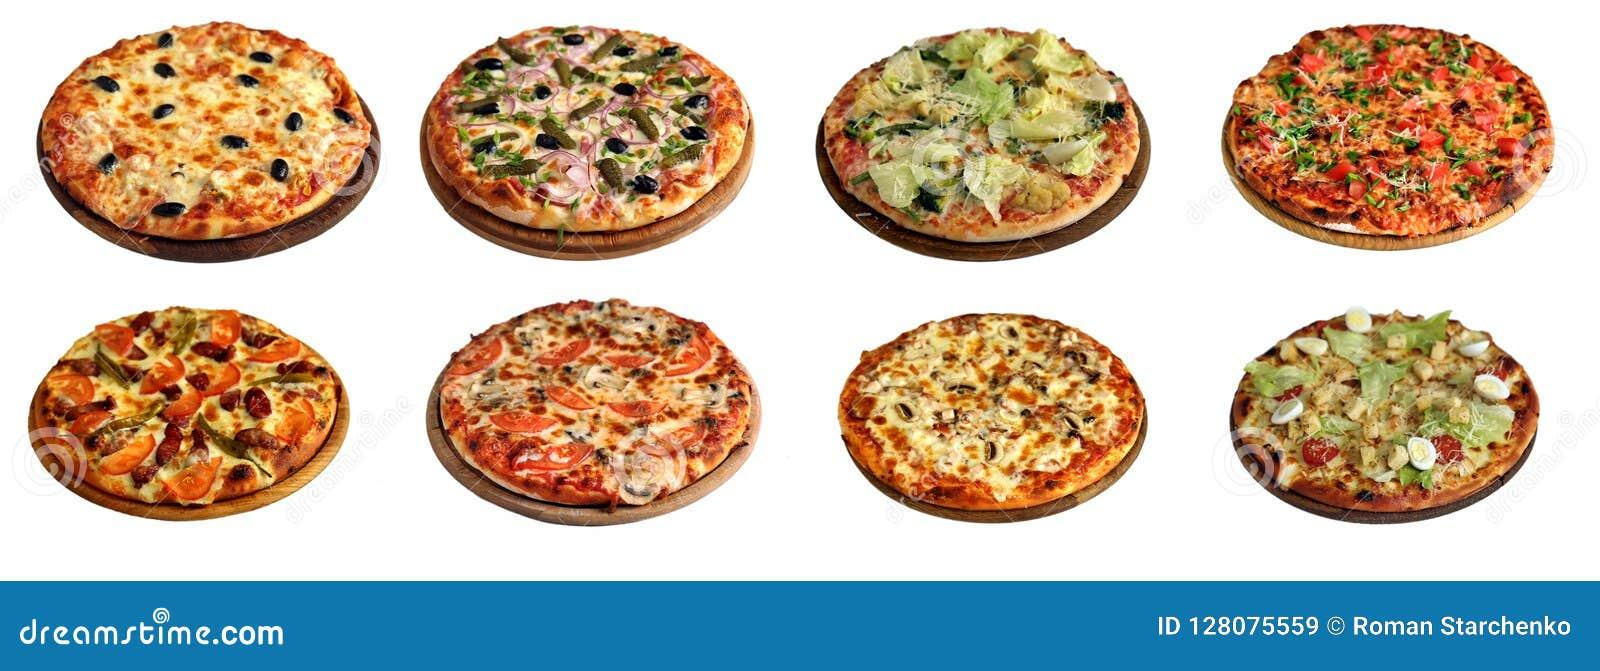 Σύνολο διαφορετικών πιτσών που απομονώνεται στο λευκό